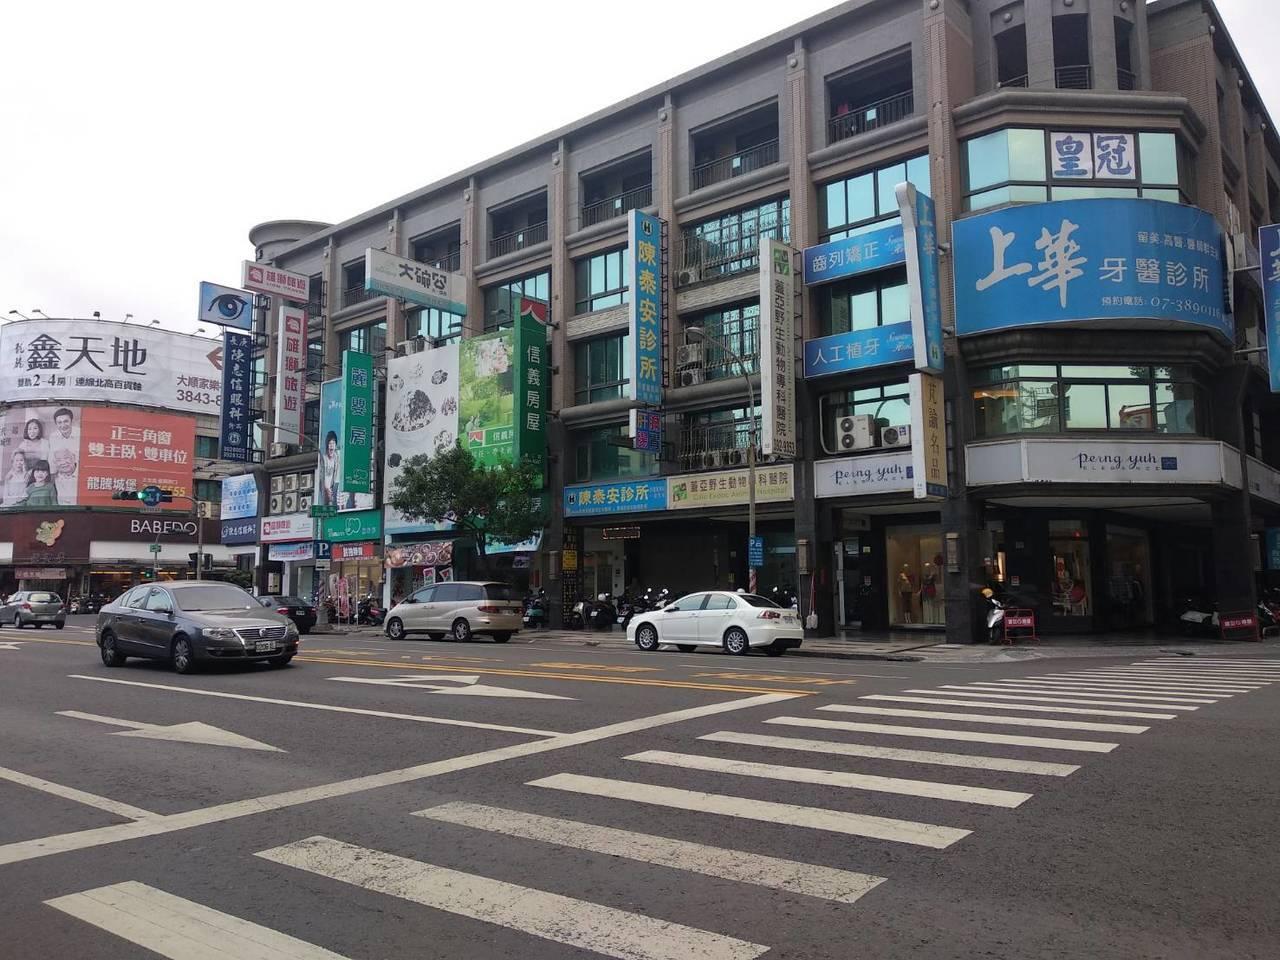 高雄市三民區是高雄市傳統成熟商圈,店面行情夯。記者謝梅芬/攝影